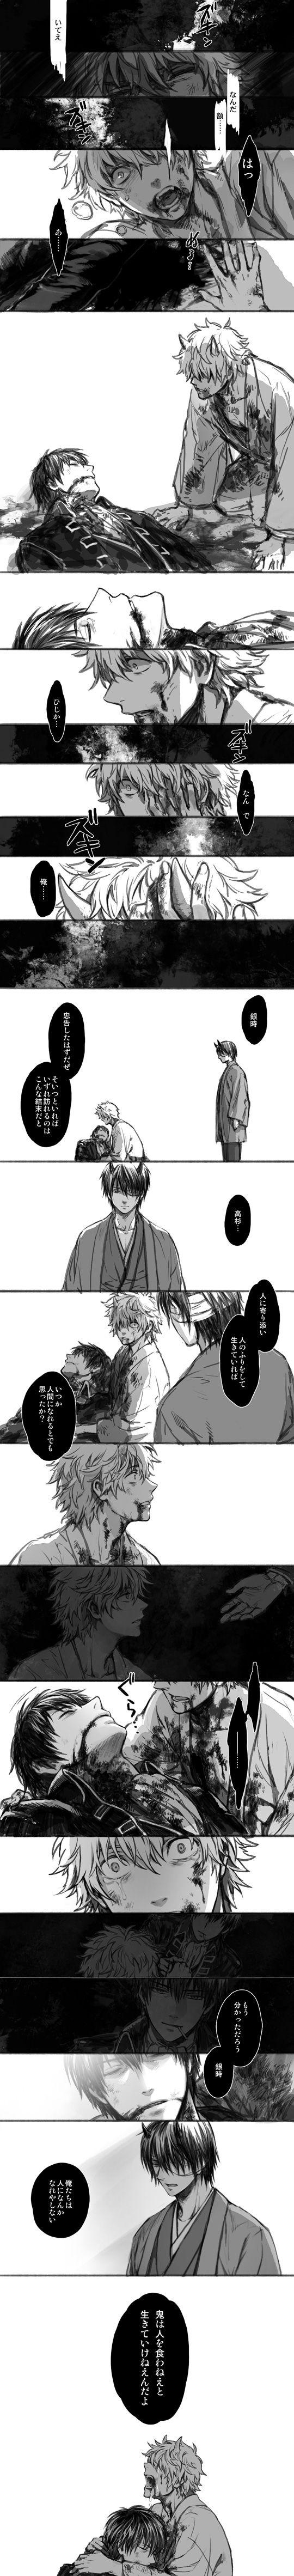 Hijikata x Gintoki